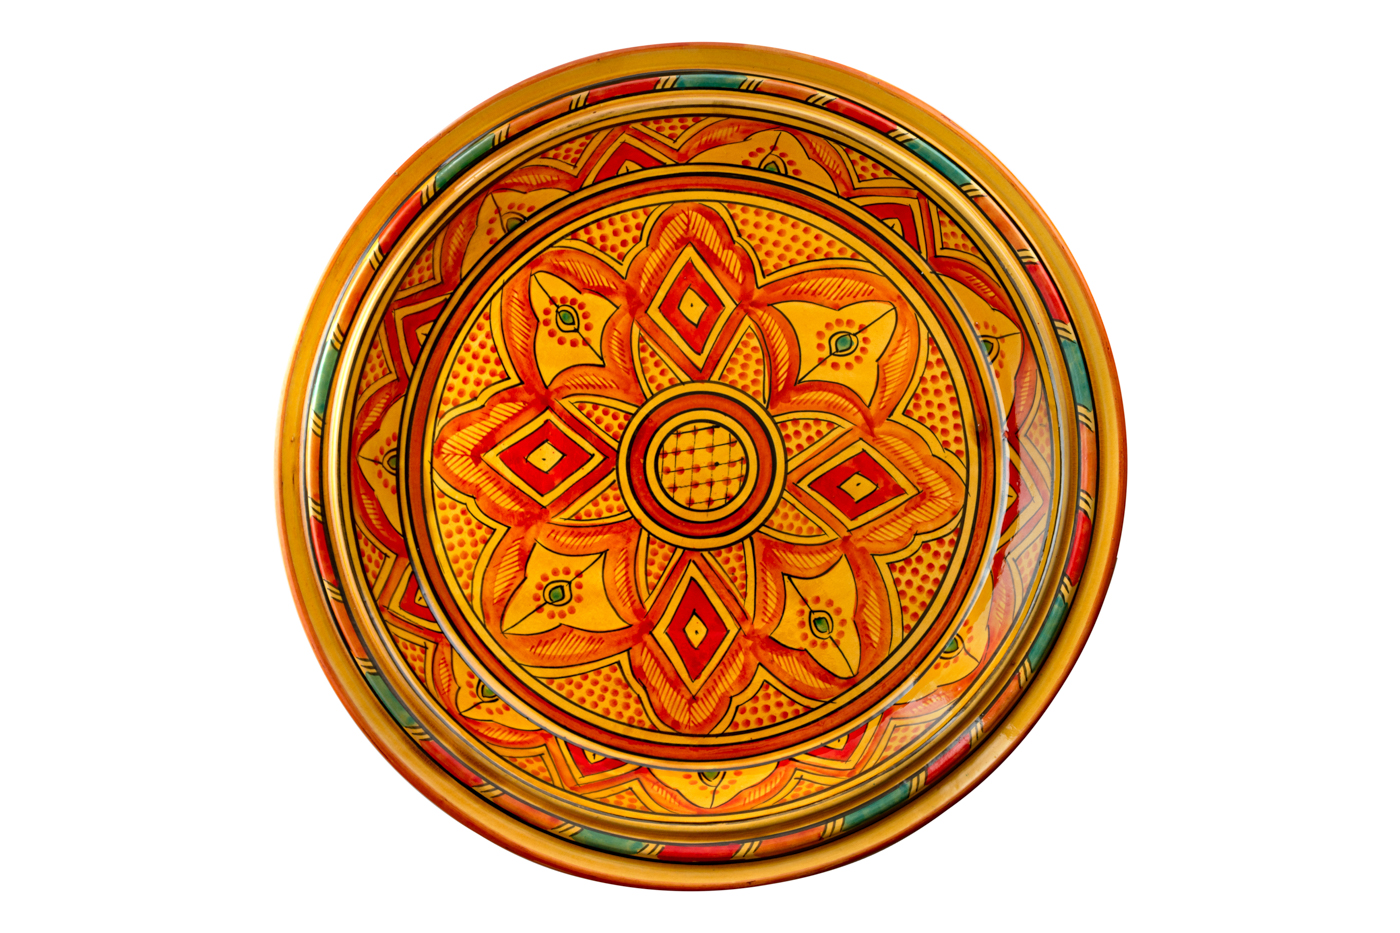 Bandeja Marroquí en cerámica pintada con diseños de arabesco florales- Naranja